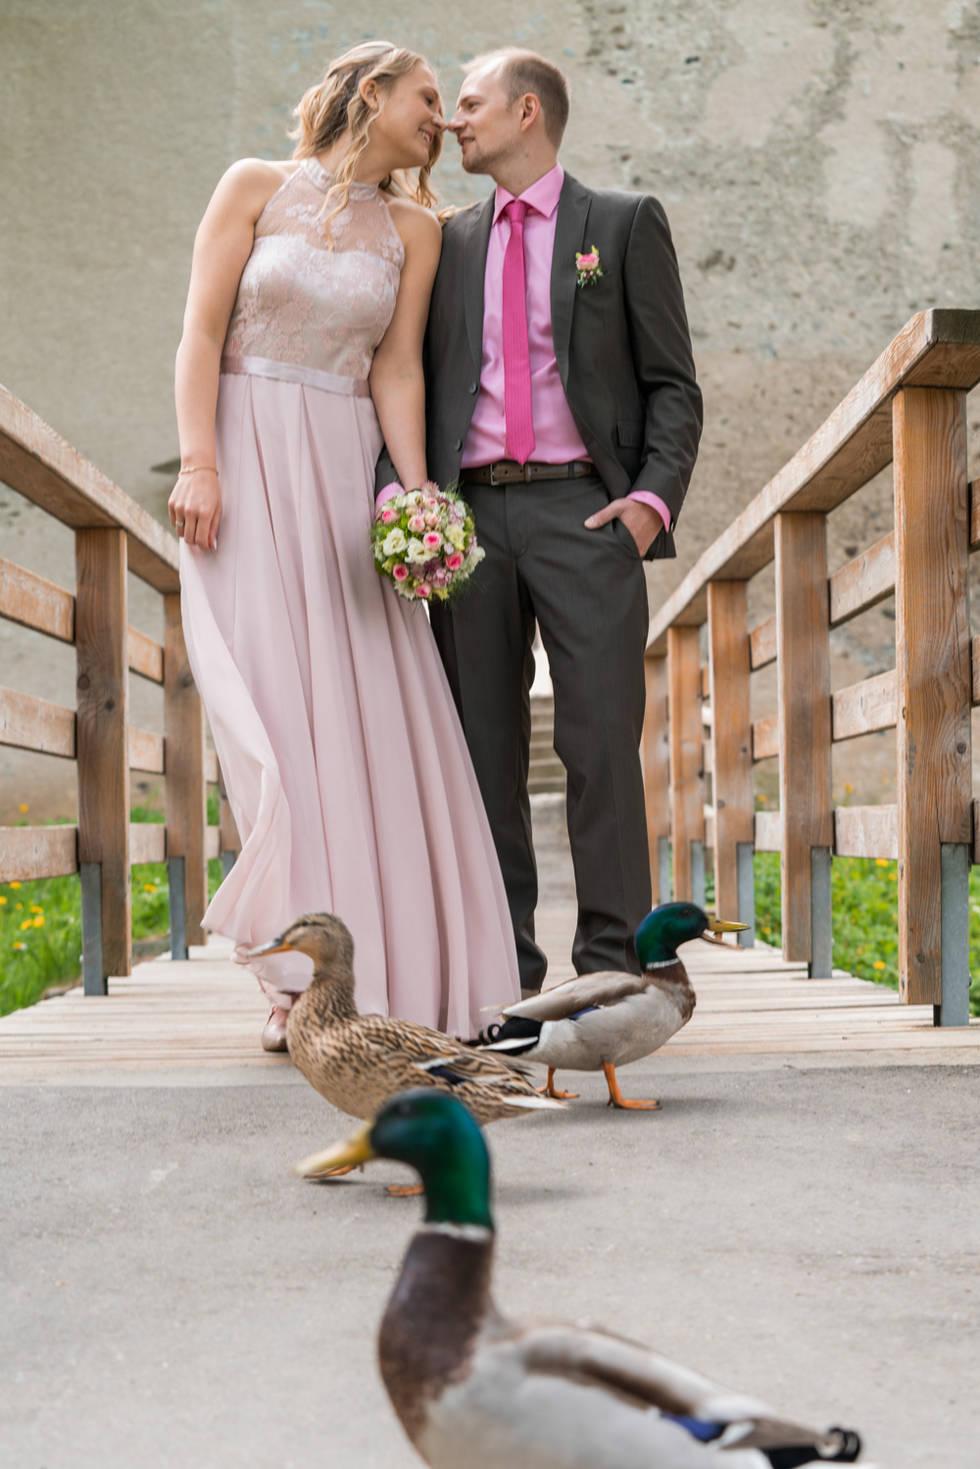 011-PhotoArt_Hochzeit.jpg